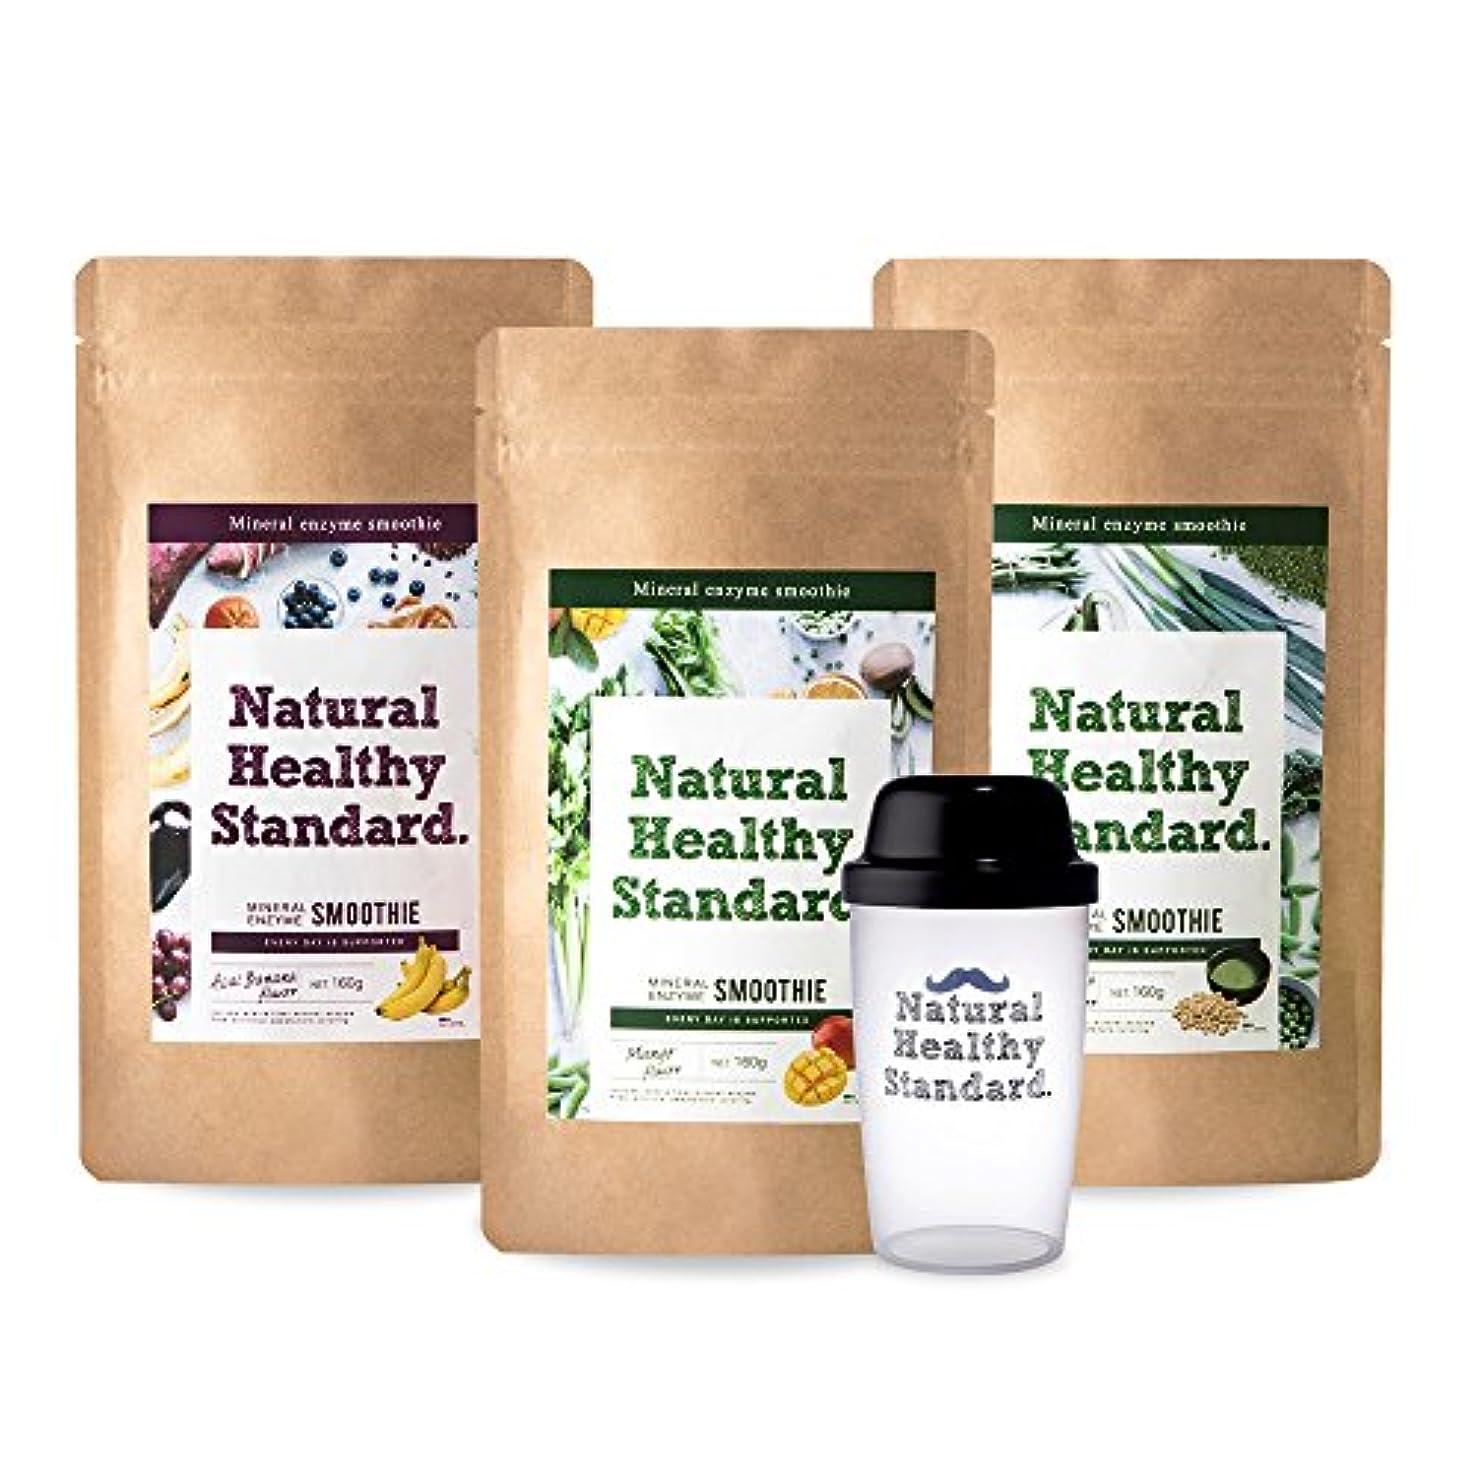 作成するバンガロー期限Natural Healthy Standard. 選べるスムージー3袋セット マンゴー 豆乳抹茶 アサイーバナナ 160g×3袋